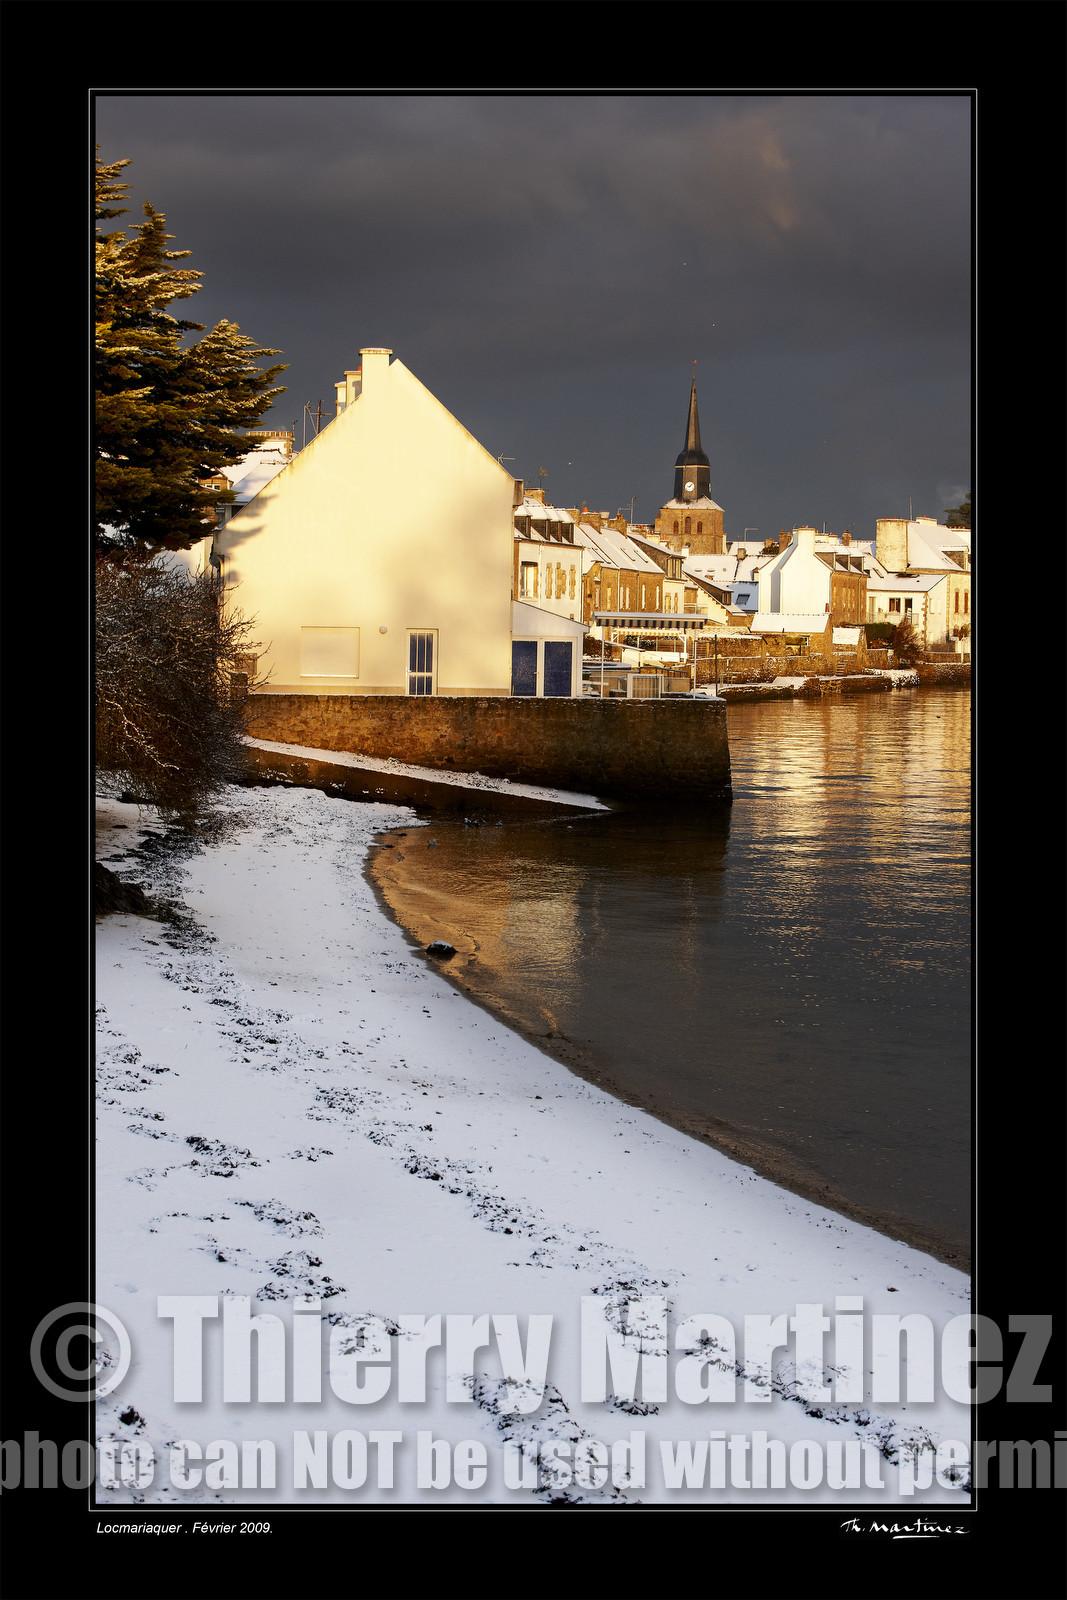 09 01046 loc neige fond noir jpg thierry martinez - Tirage photos gratuits sans frais de port ...